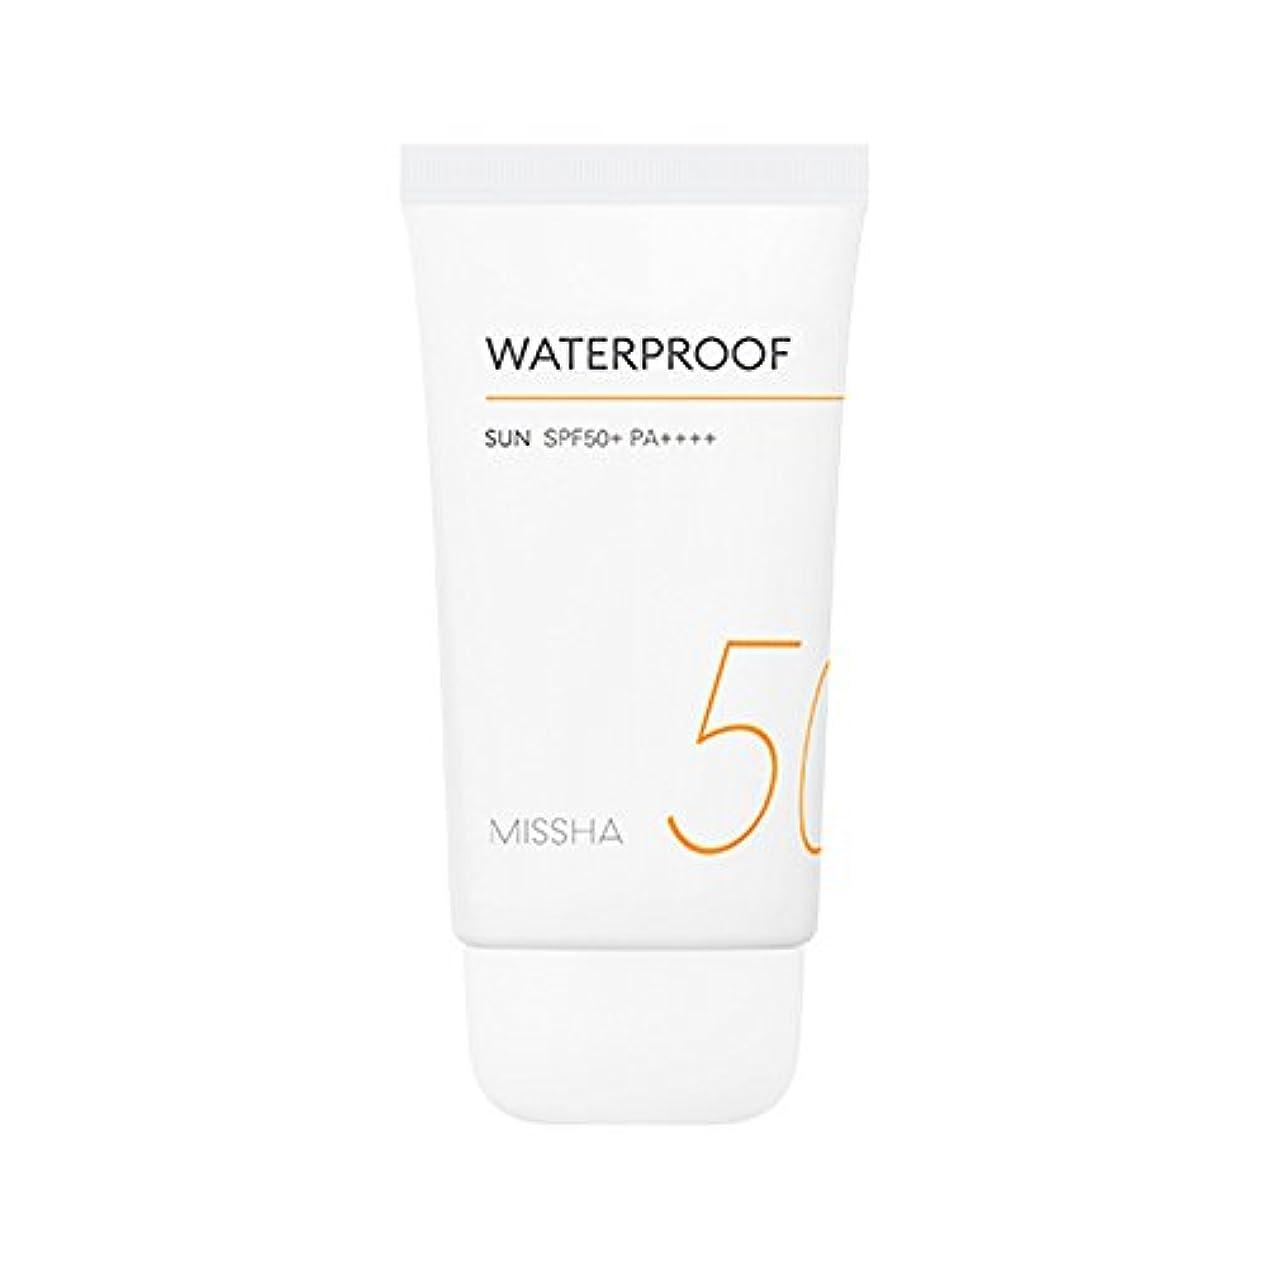 砂のコンサートリムMissha All Around Safe Block Waterproof Sun SPF50+ PA++++ 50ml ミシャ オール アラウンド セーフ ブロック ウォータープルーフ サン 50ml [並行輸入品]